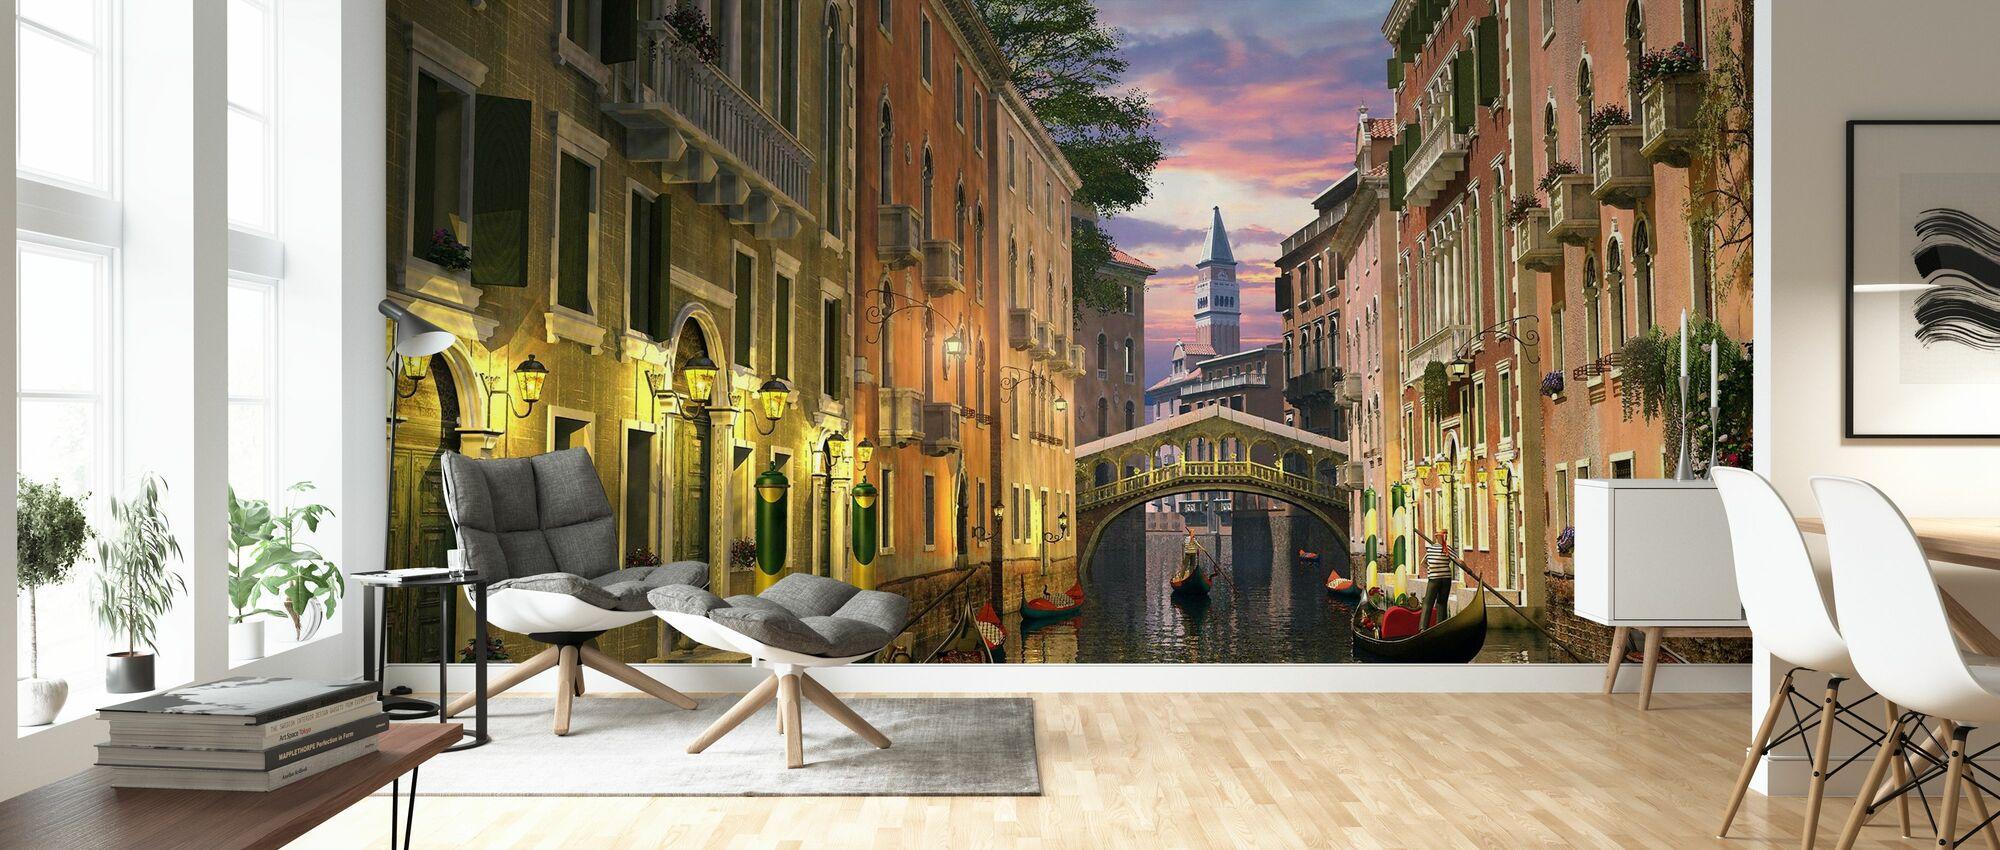 Venise au crépuscule - Papier peint - Salle à manger